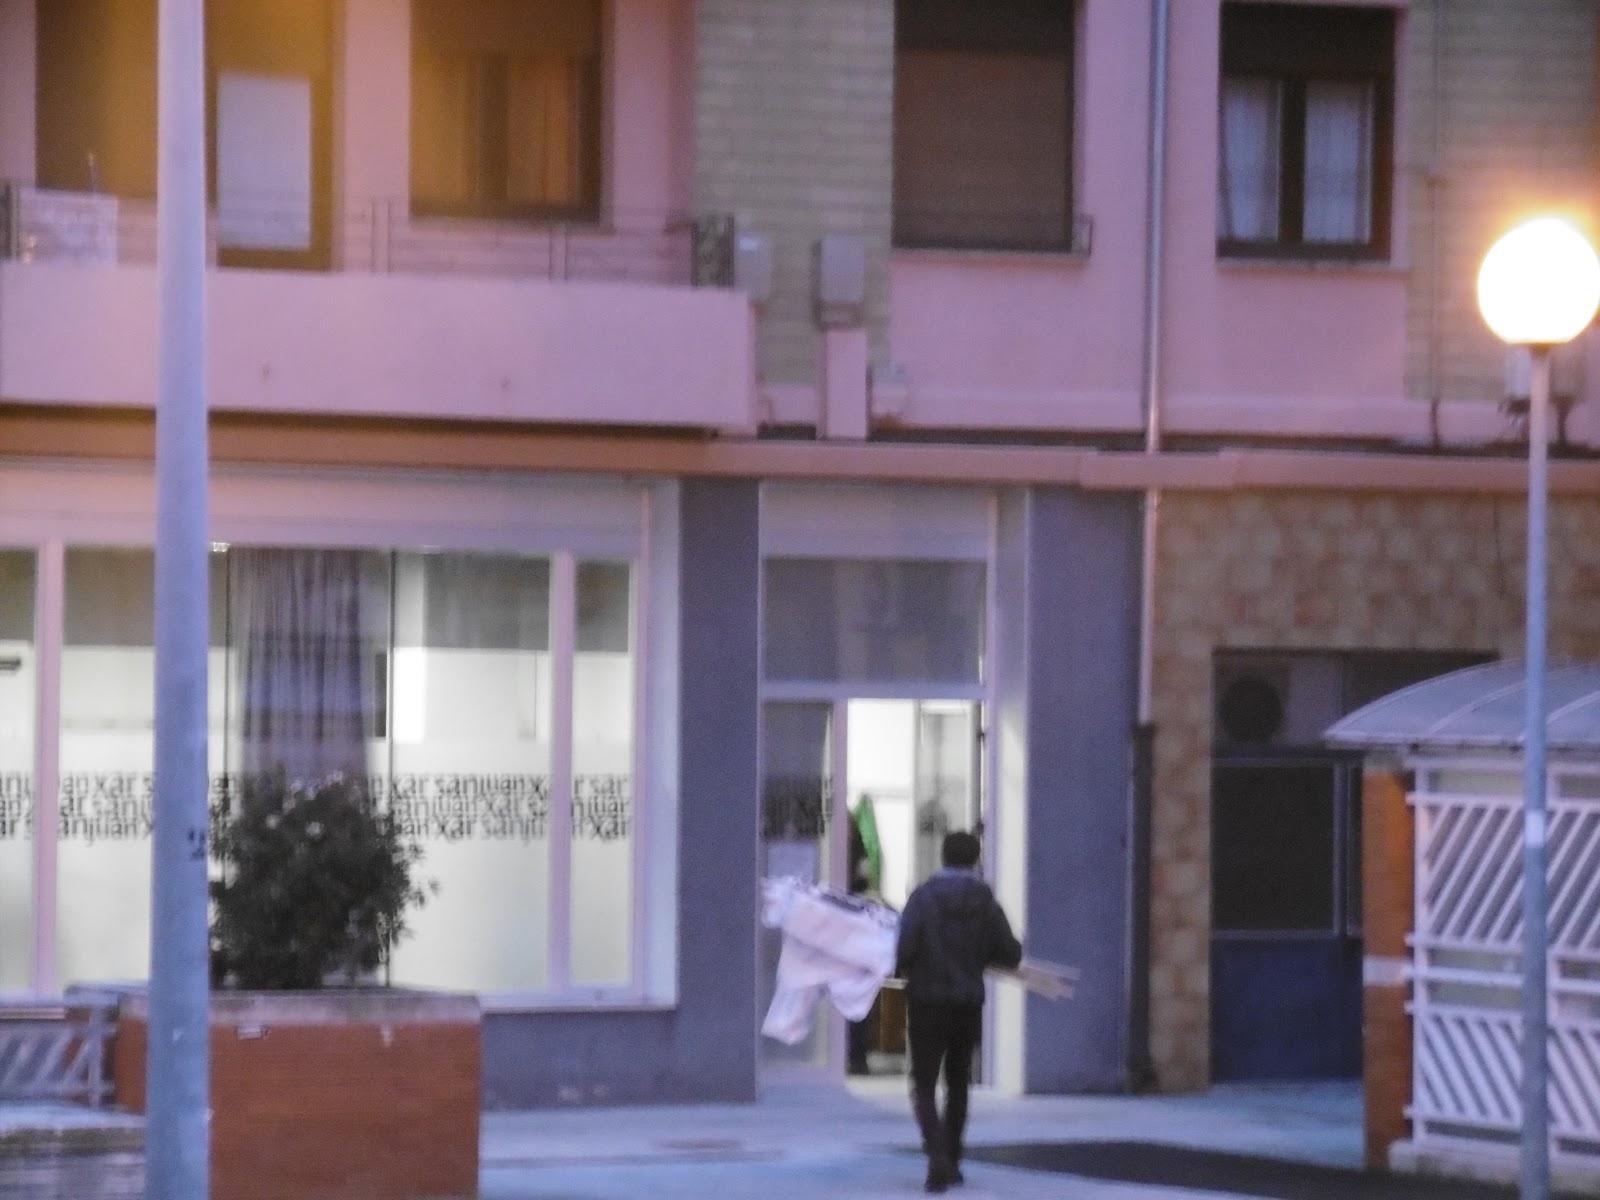 Luto Por Catalu A En Pamplona # Muebles Mogollon Medina Sidonia